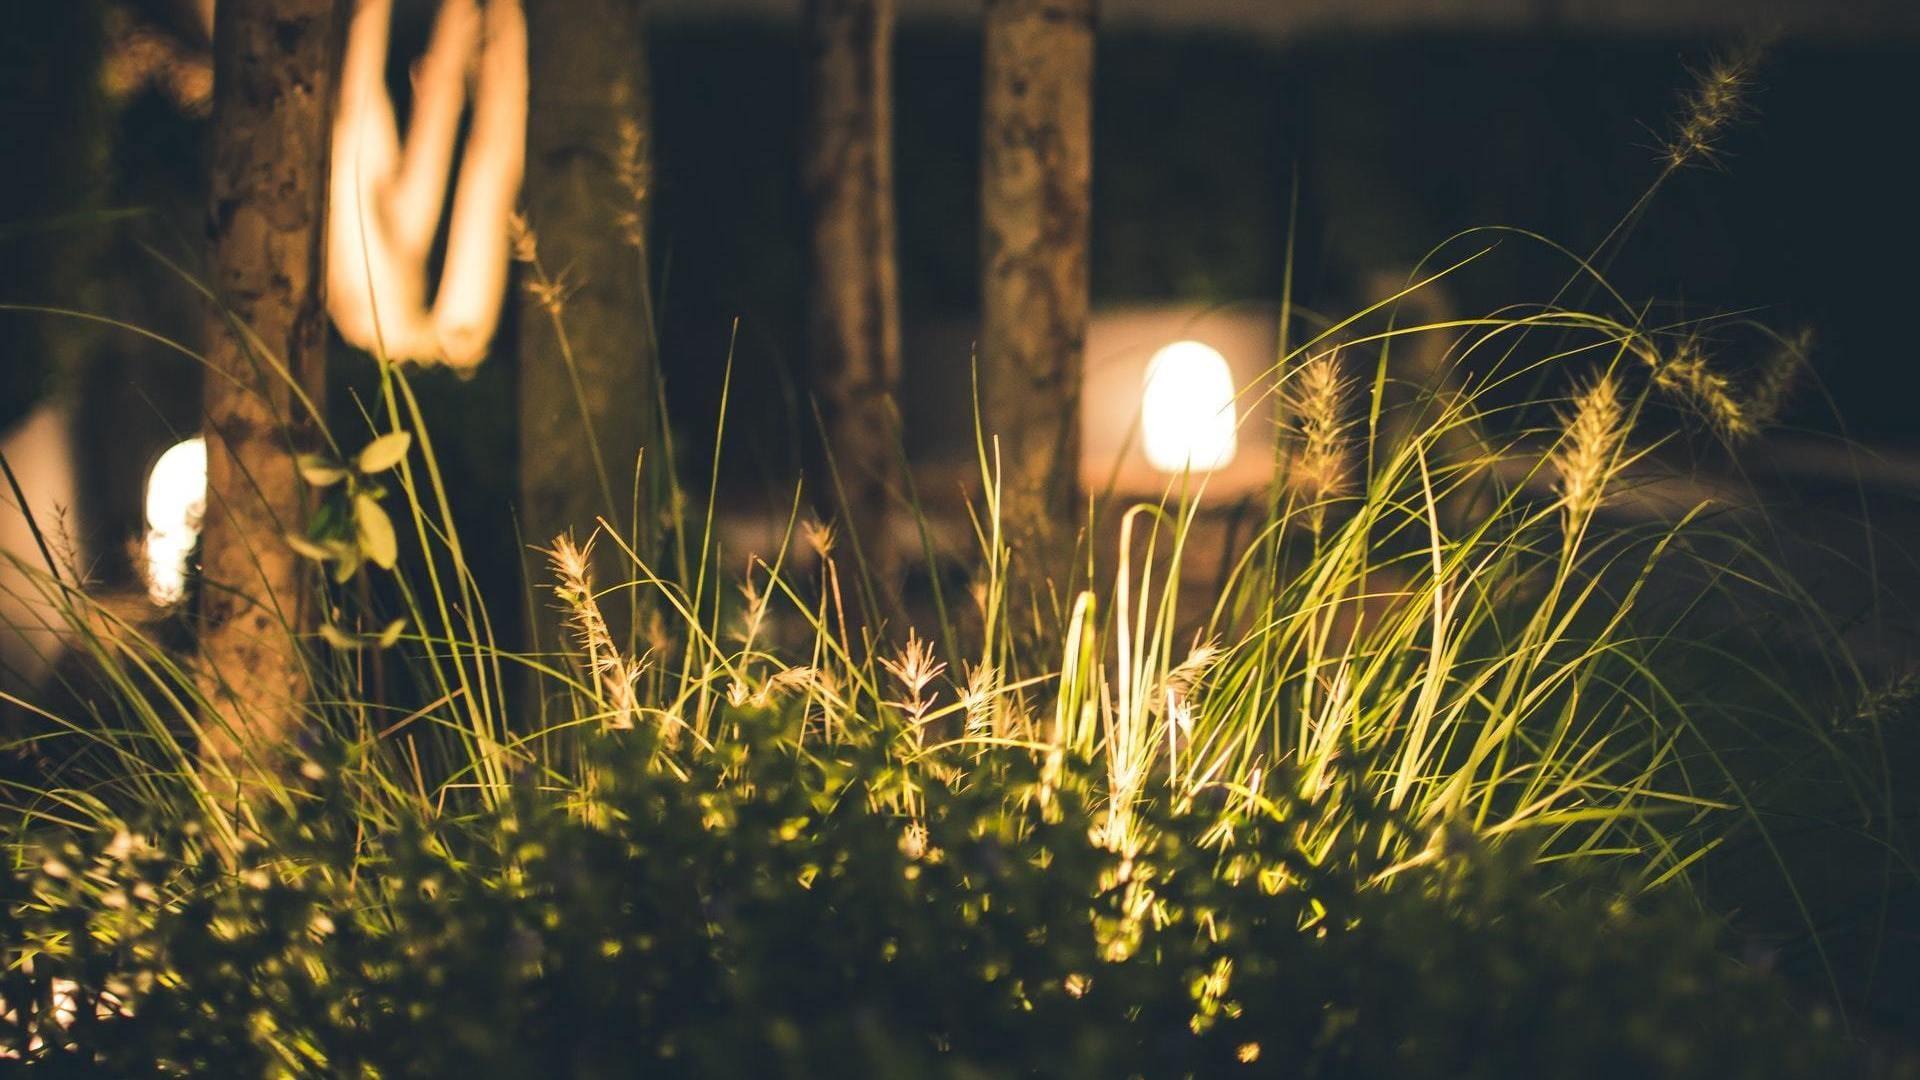 I migliori esperti in illuminazioni giardino a perugia